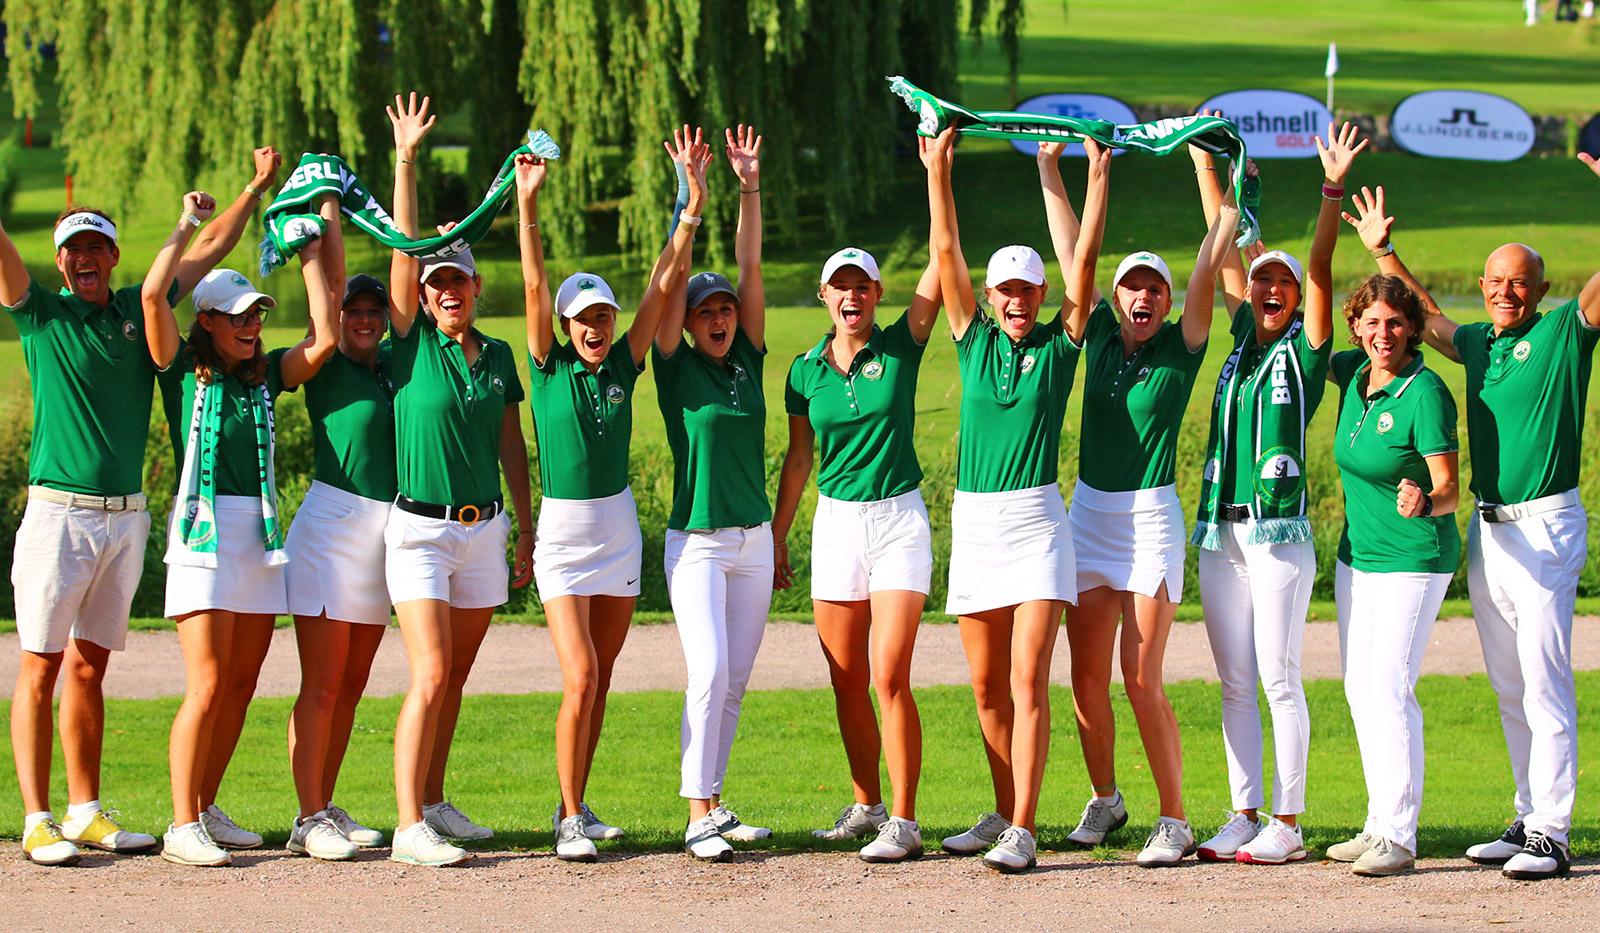 wannsee dgl byStebl - Deutsche Golf Liga 2021 – GLC Berlin-Wannsee wird Mannschaftsmeister der Damen